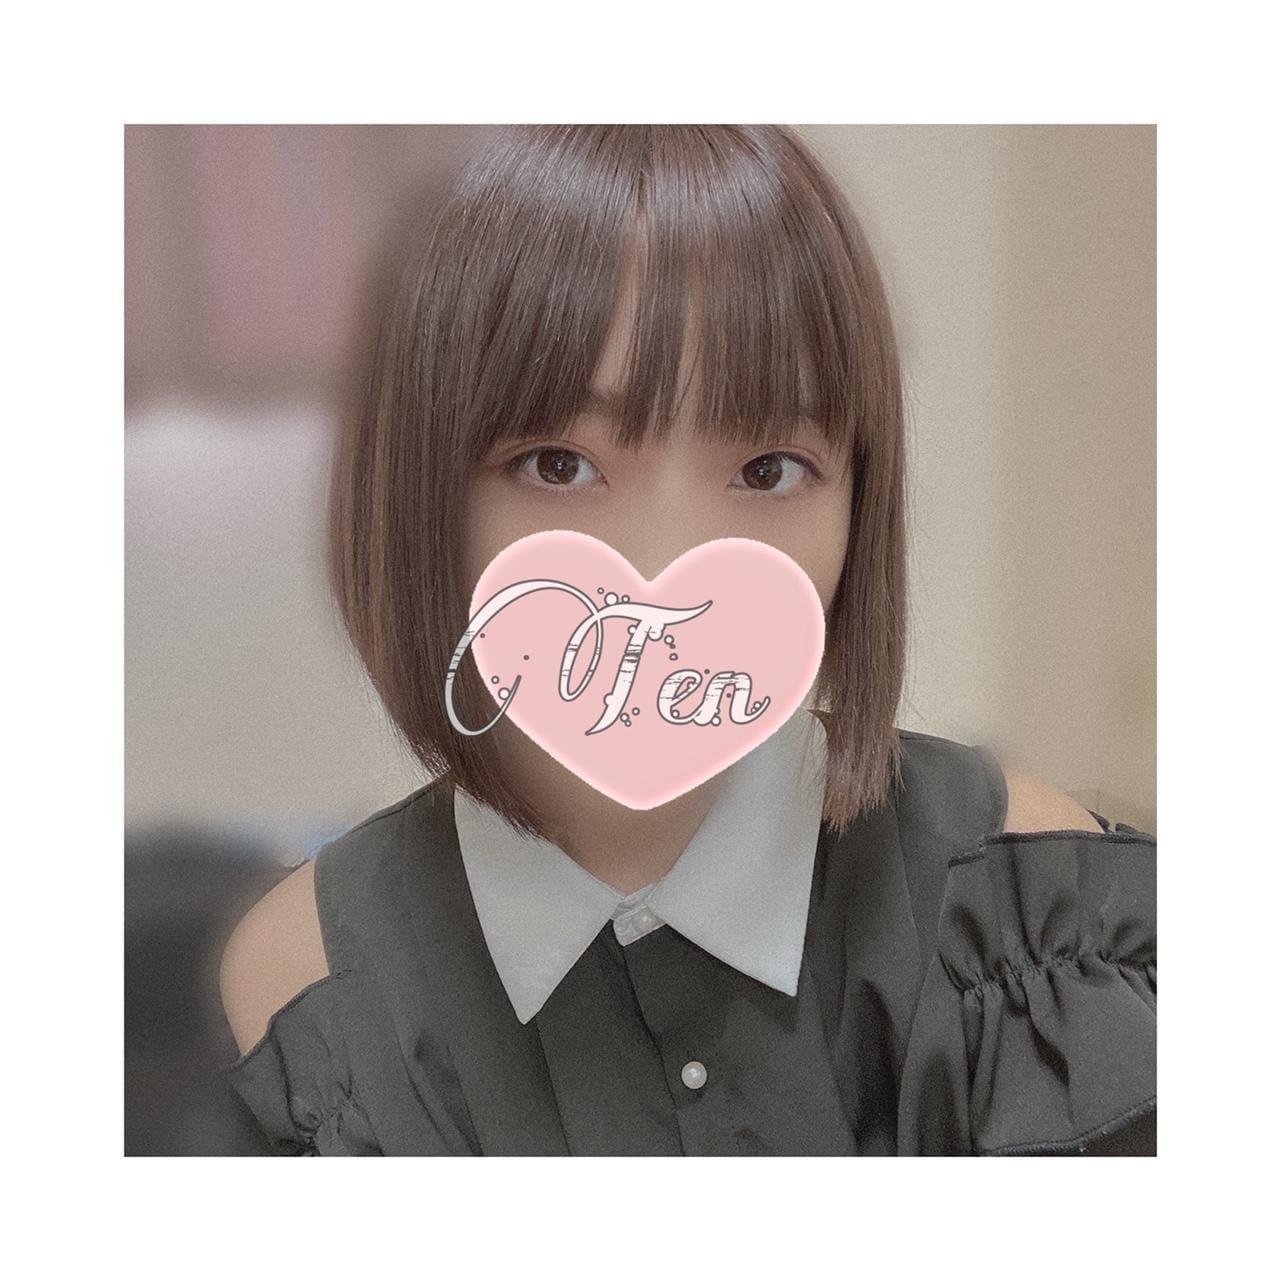 「10代ラスト( ??? )!」02/24(02/24) 18:19   てん体験の写メ・風俗動画